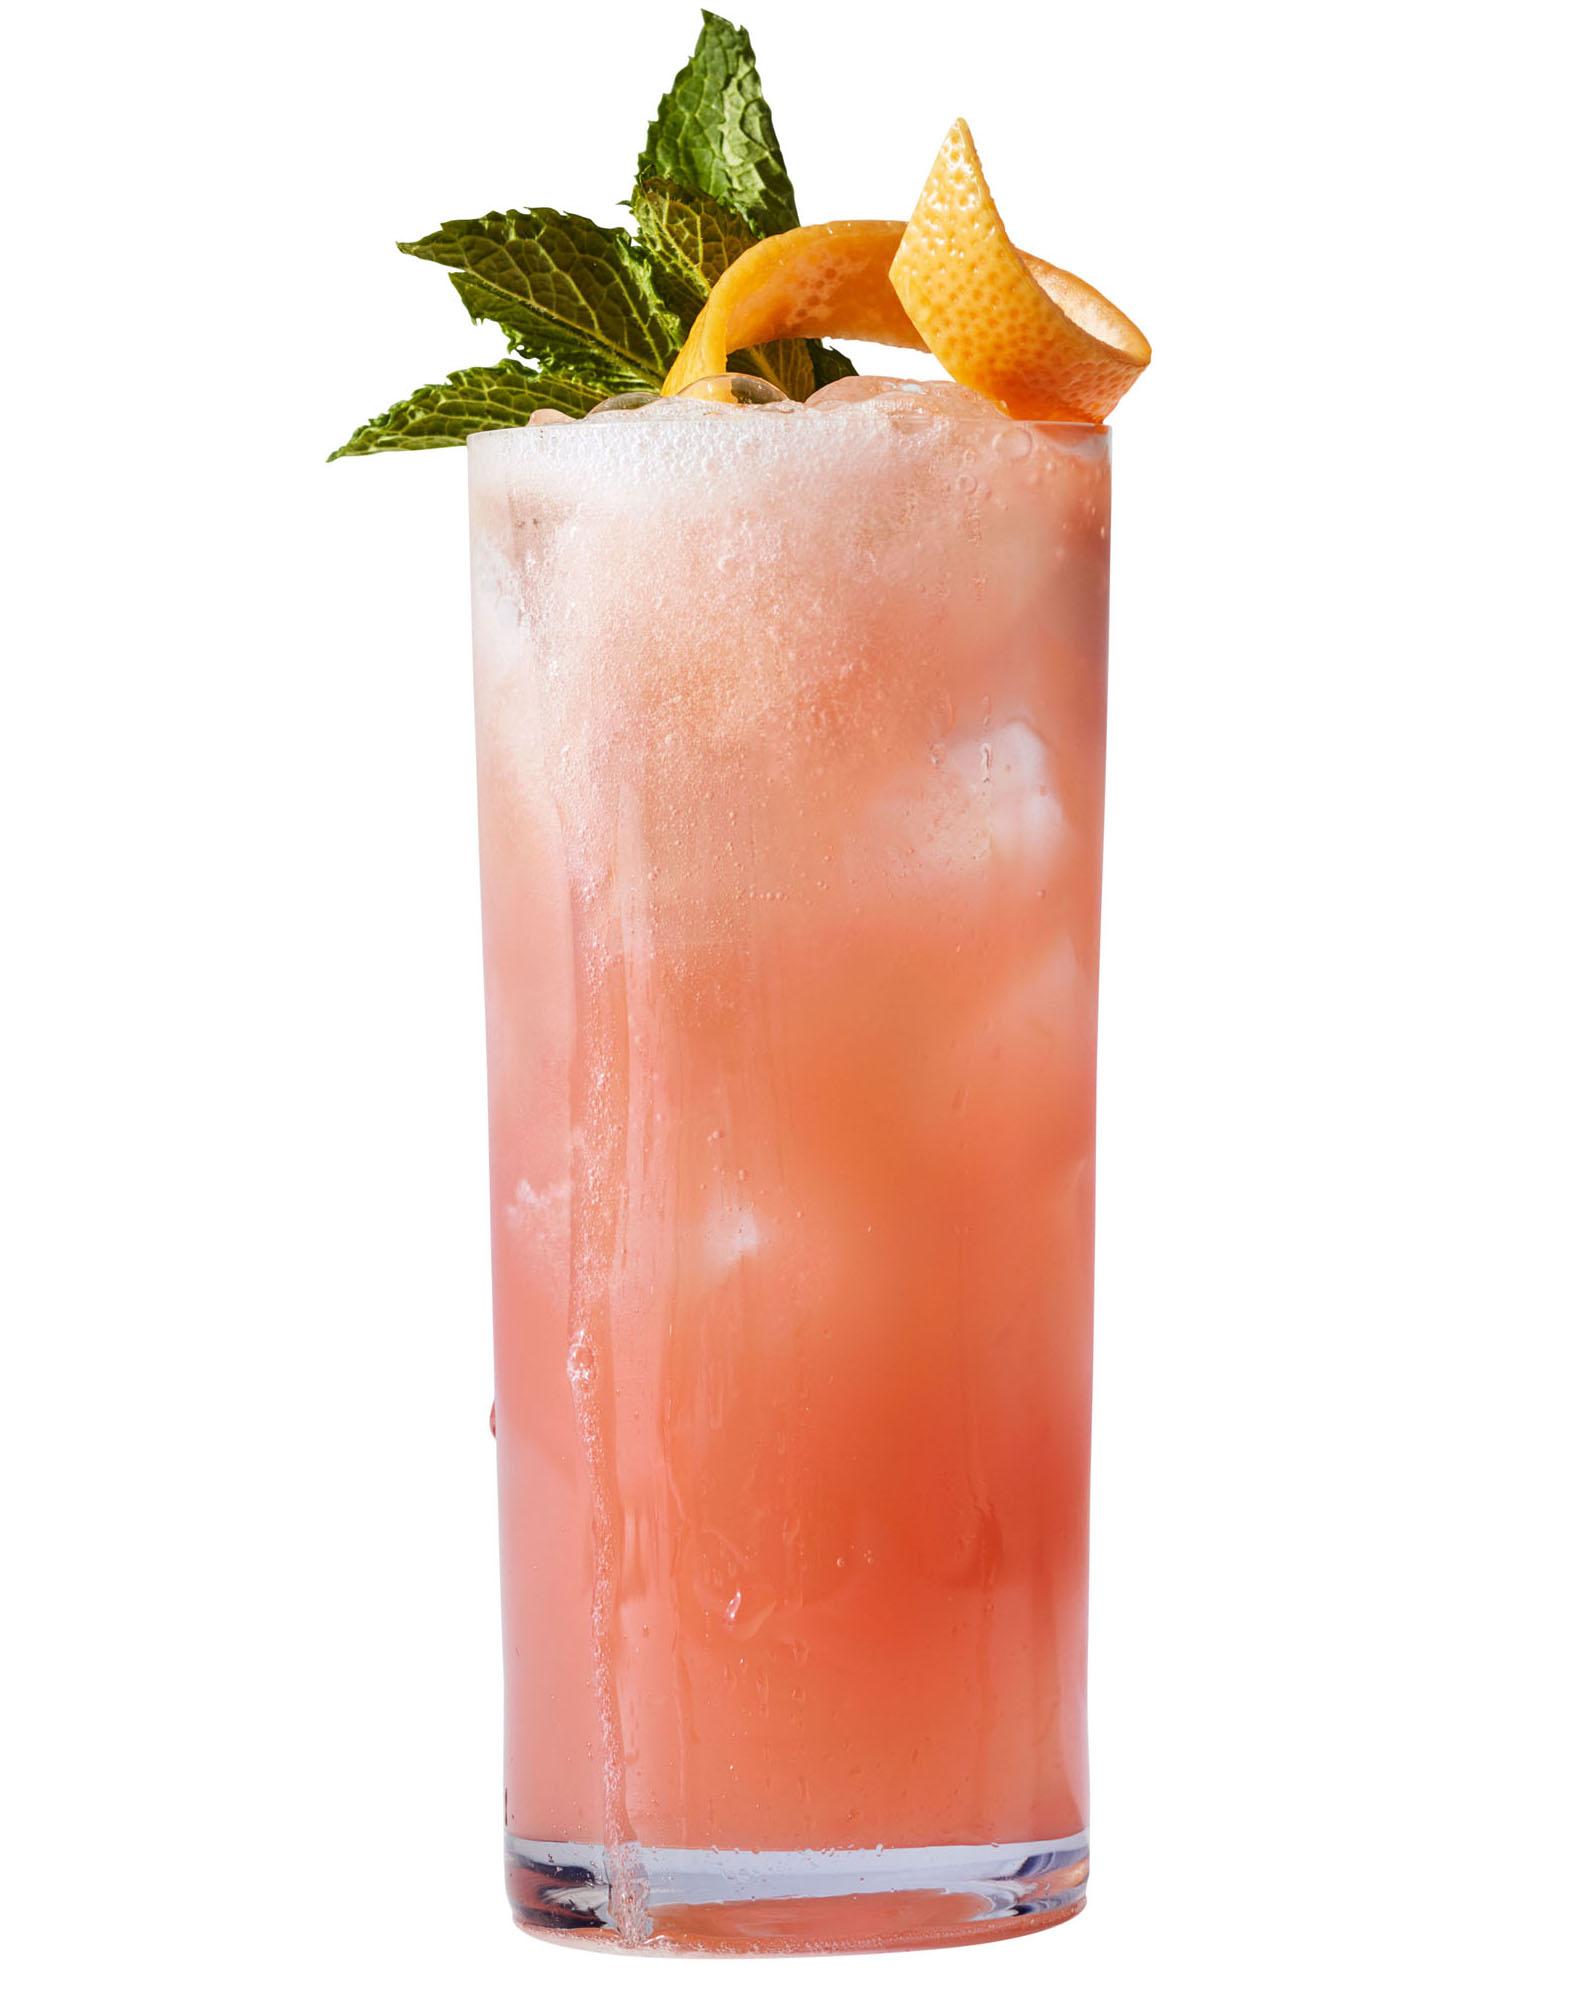 pink sparkler cocktail garnished with mint sprig and grapefruit twist